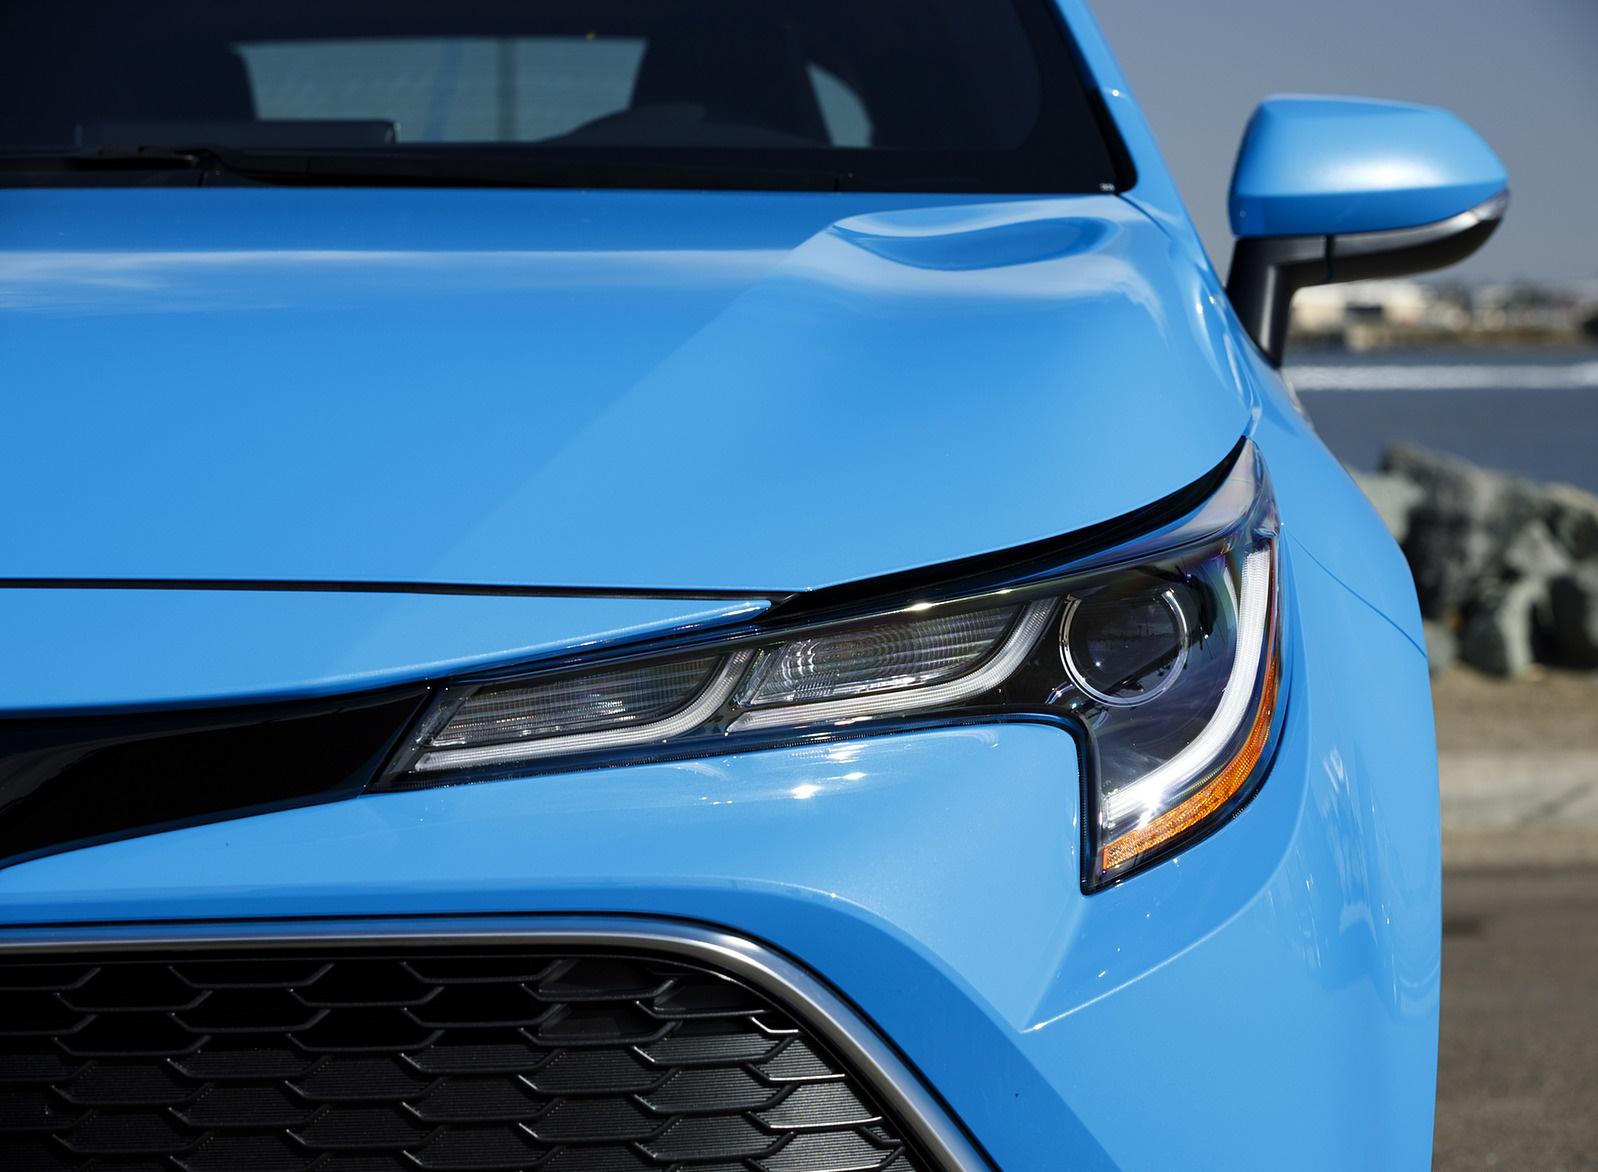 2019 Toyota Corolla Hatchback Headlight Wallpapers #35 of 75